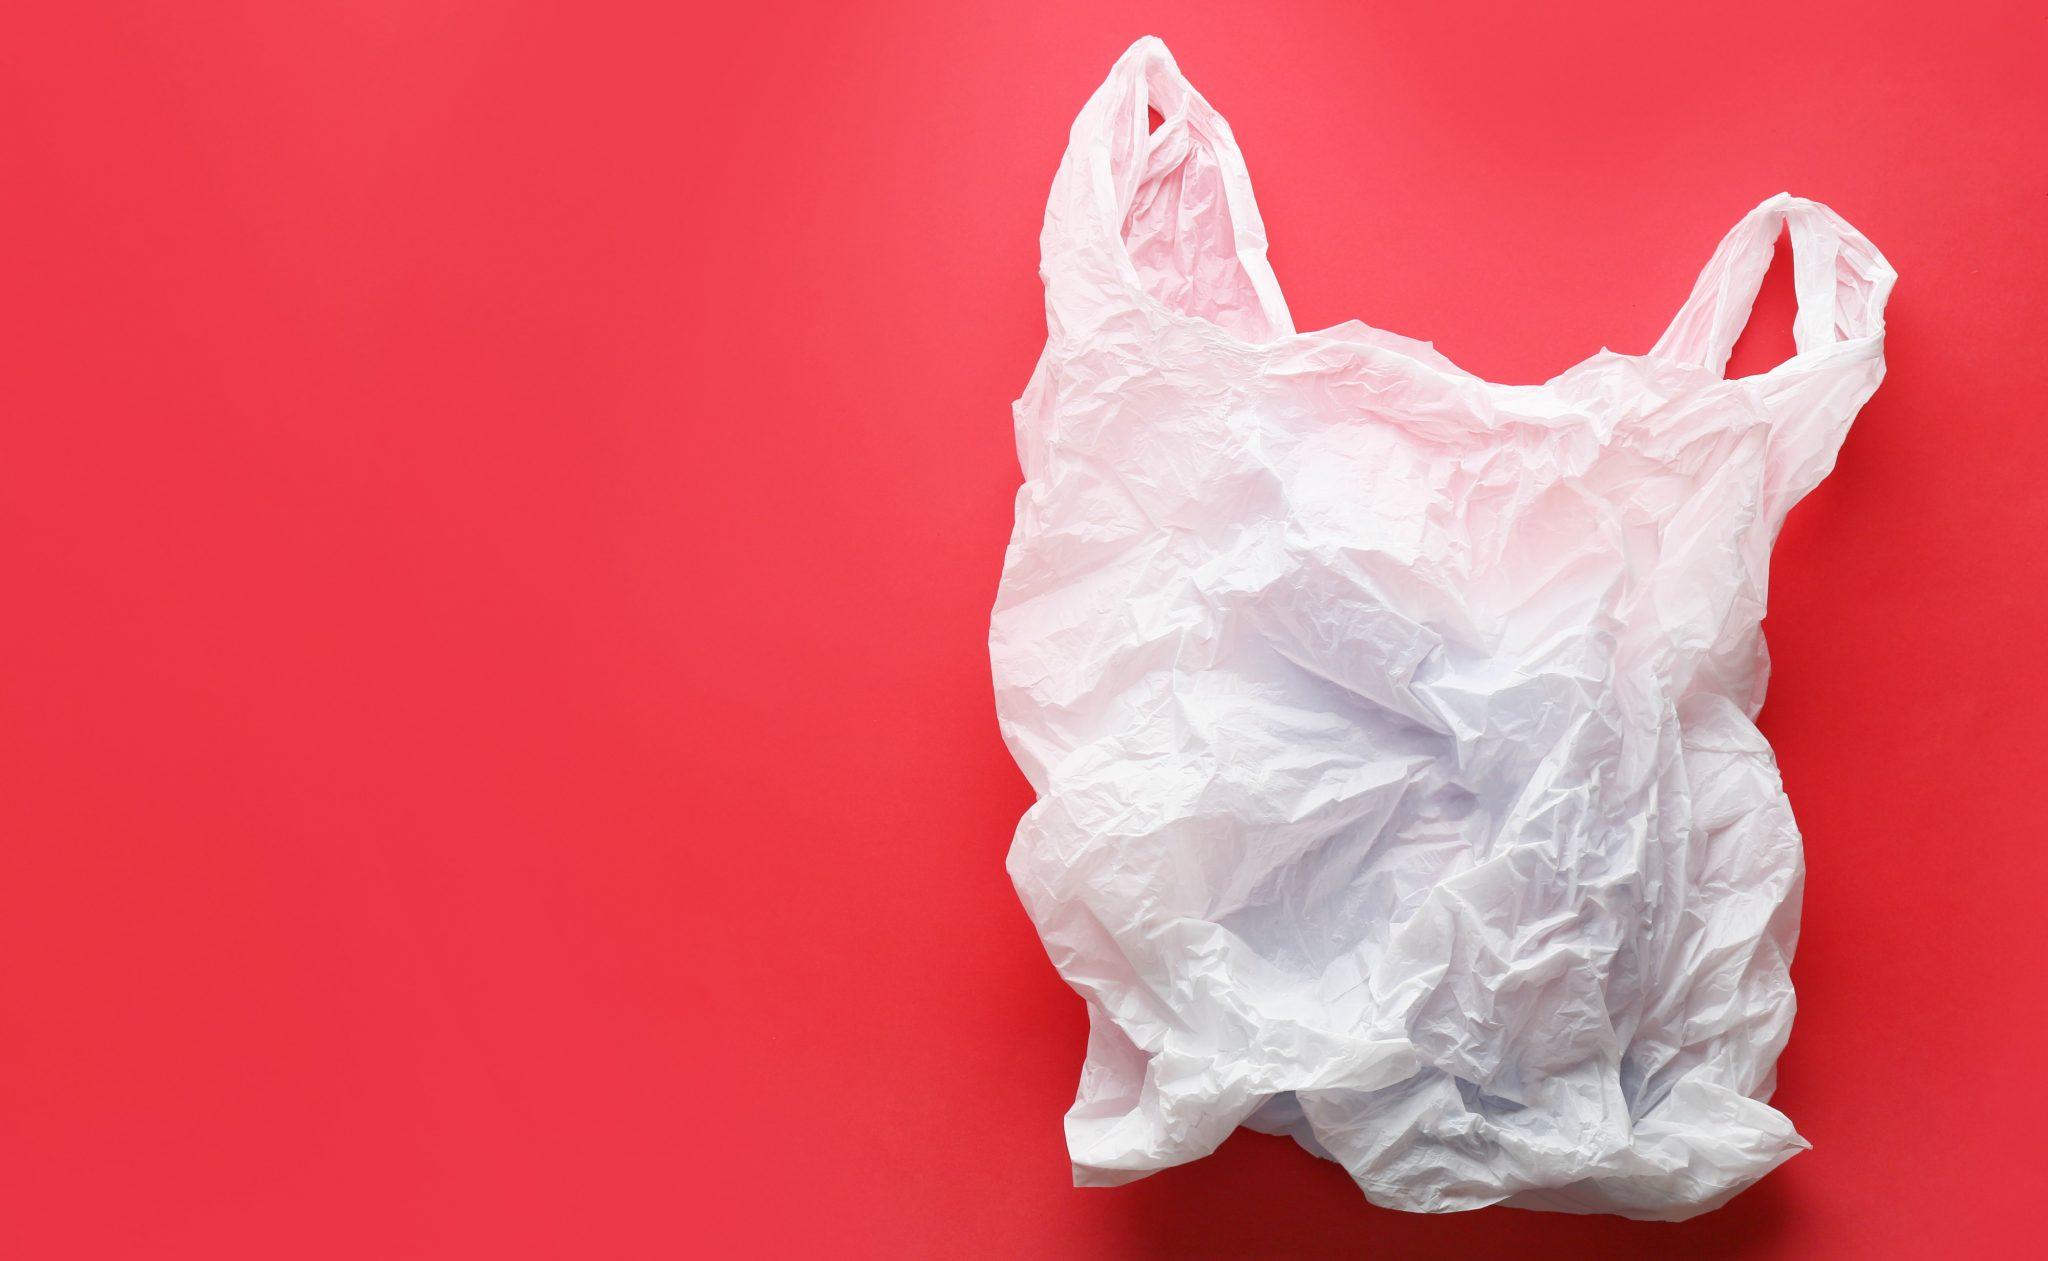 Legislação das sacolas plásticas